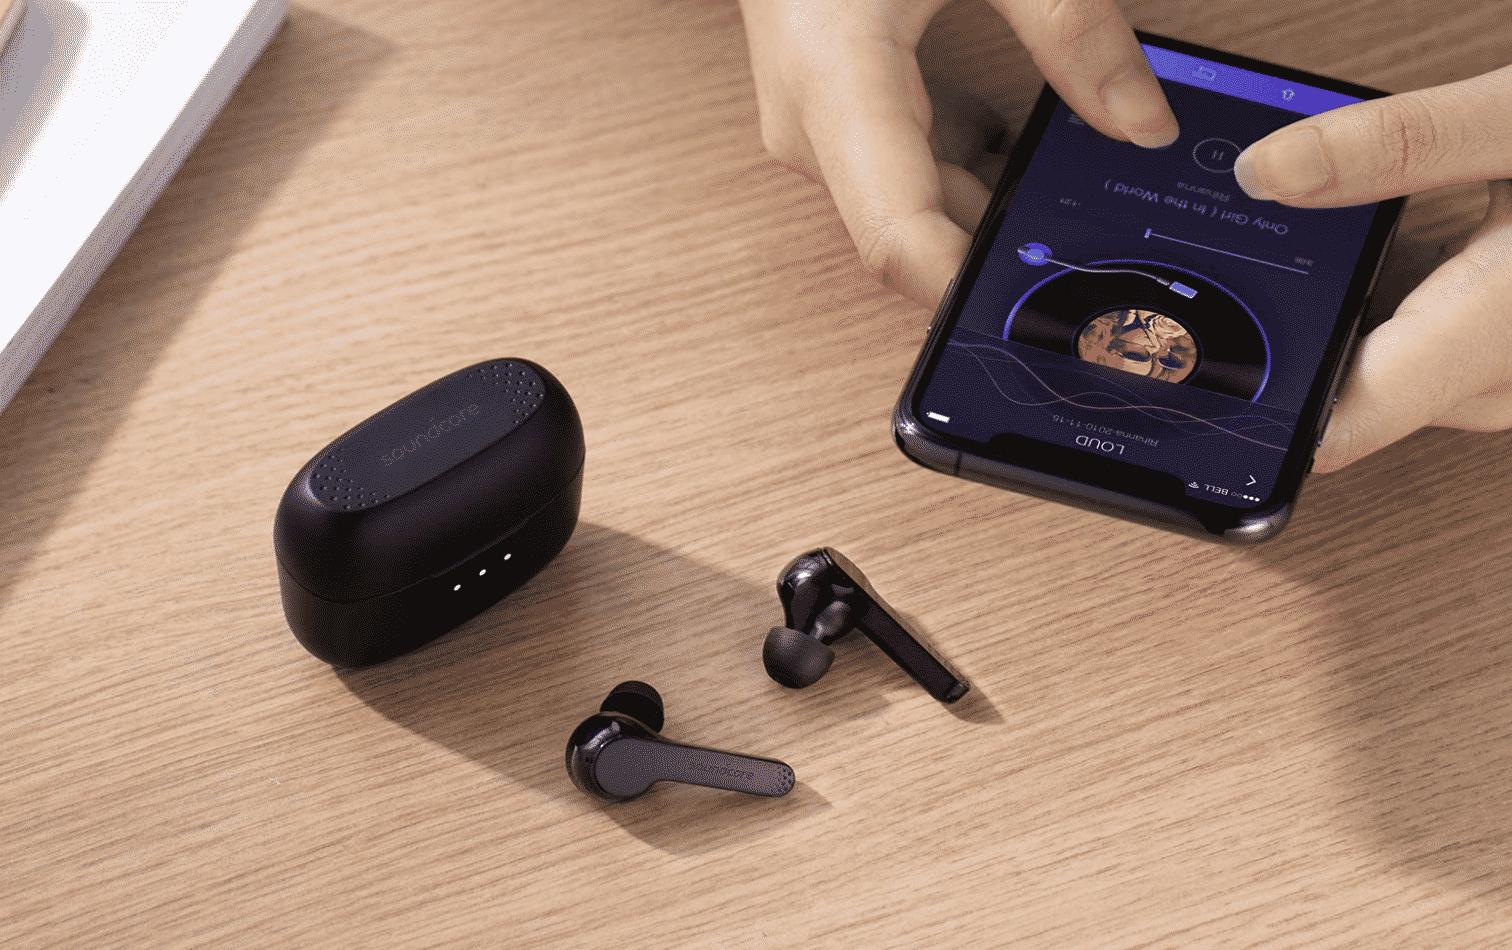 Anker's True Wireless Earbuds